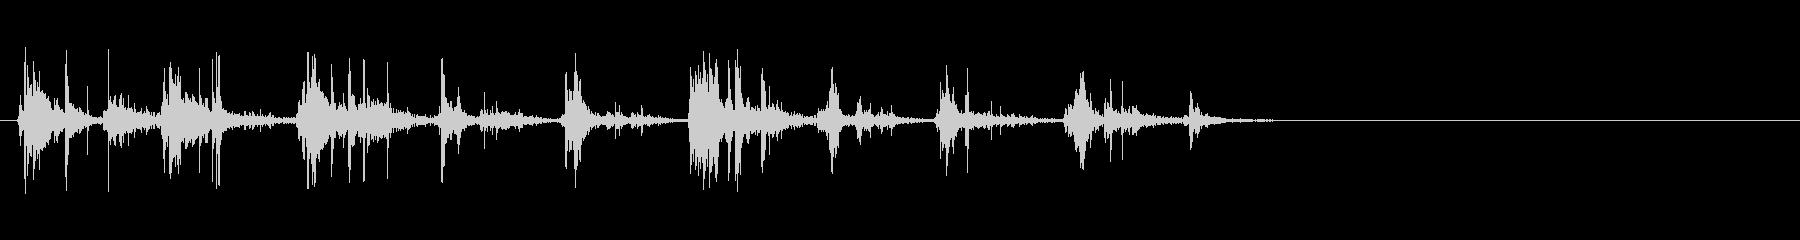 スピードバッグスイベルムーブメント...の未再生の波形